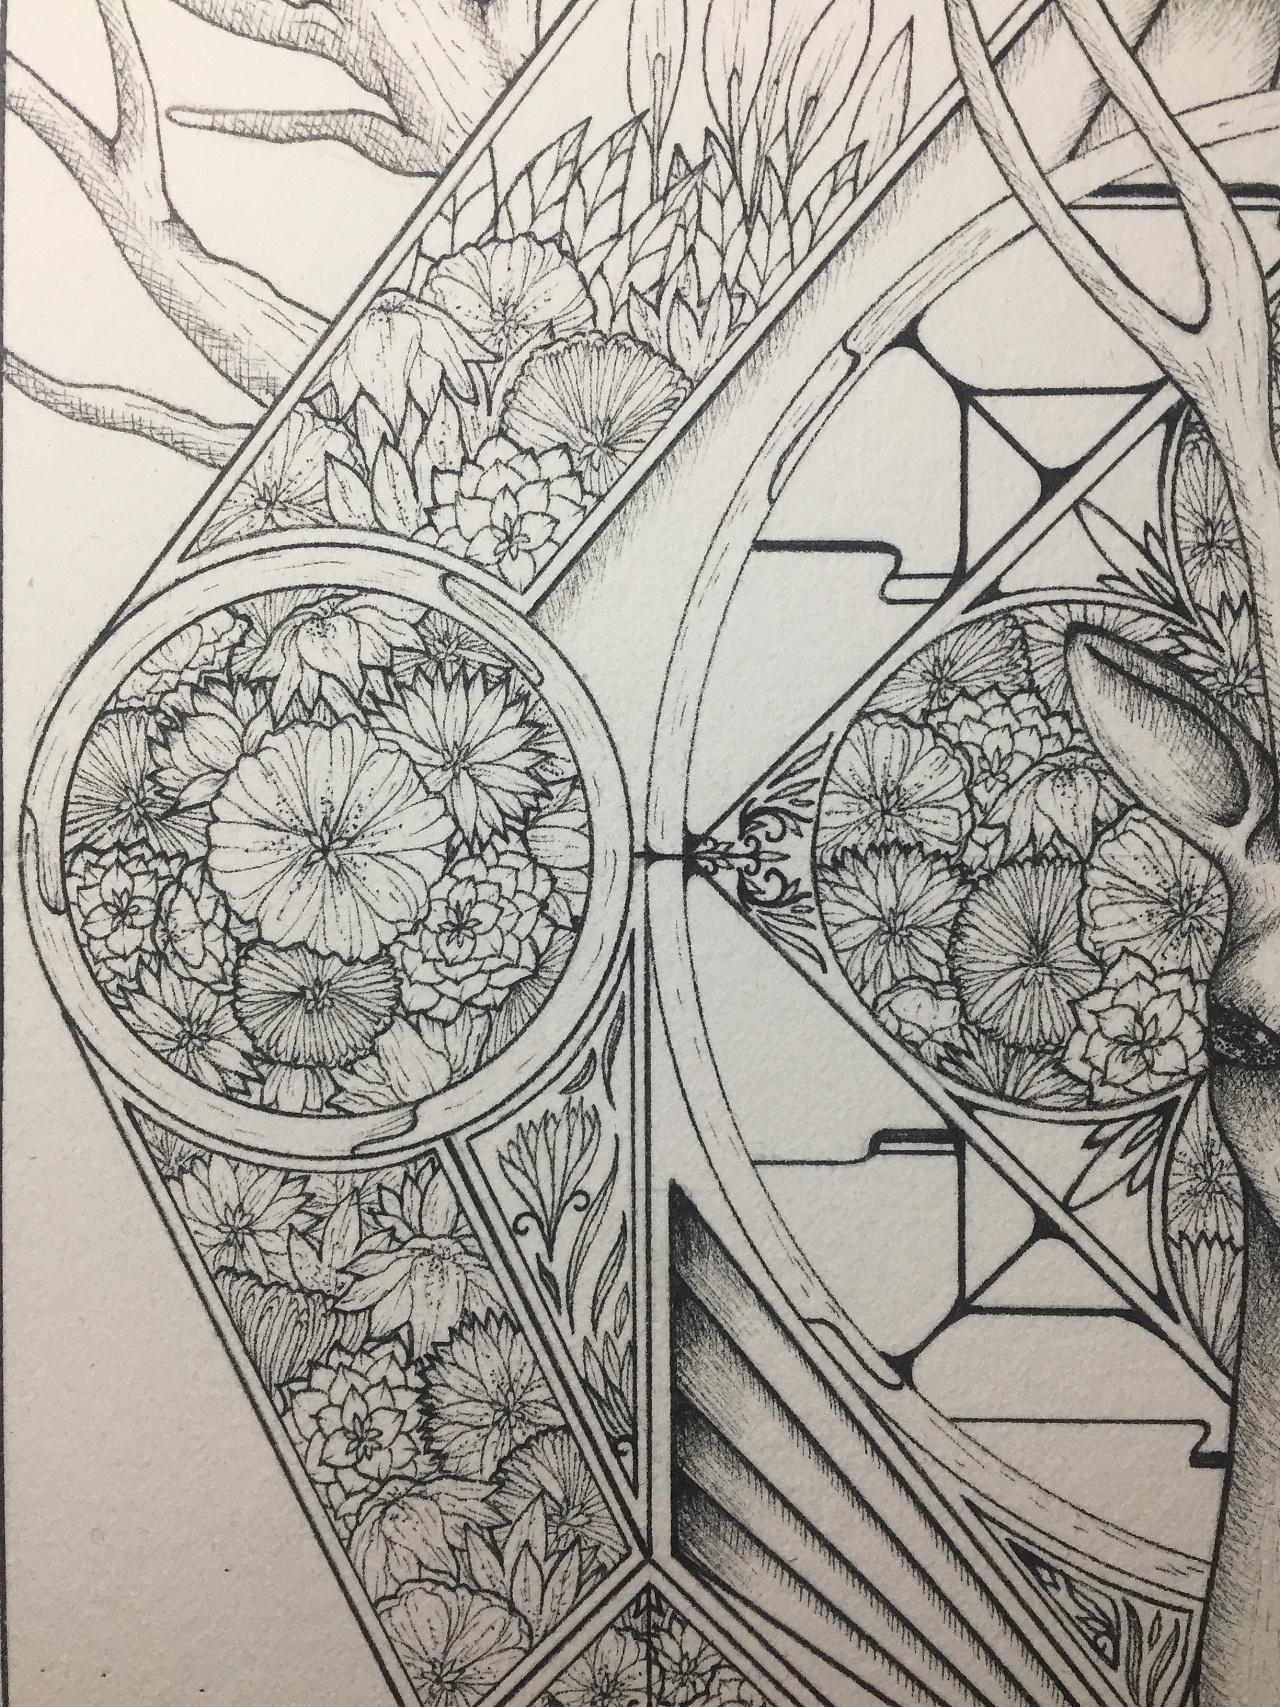 原创手绘针管笔插画